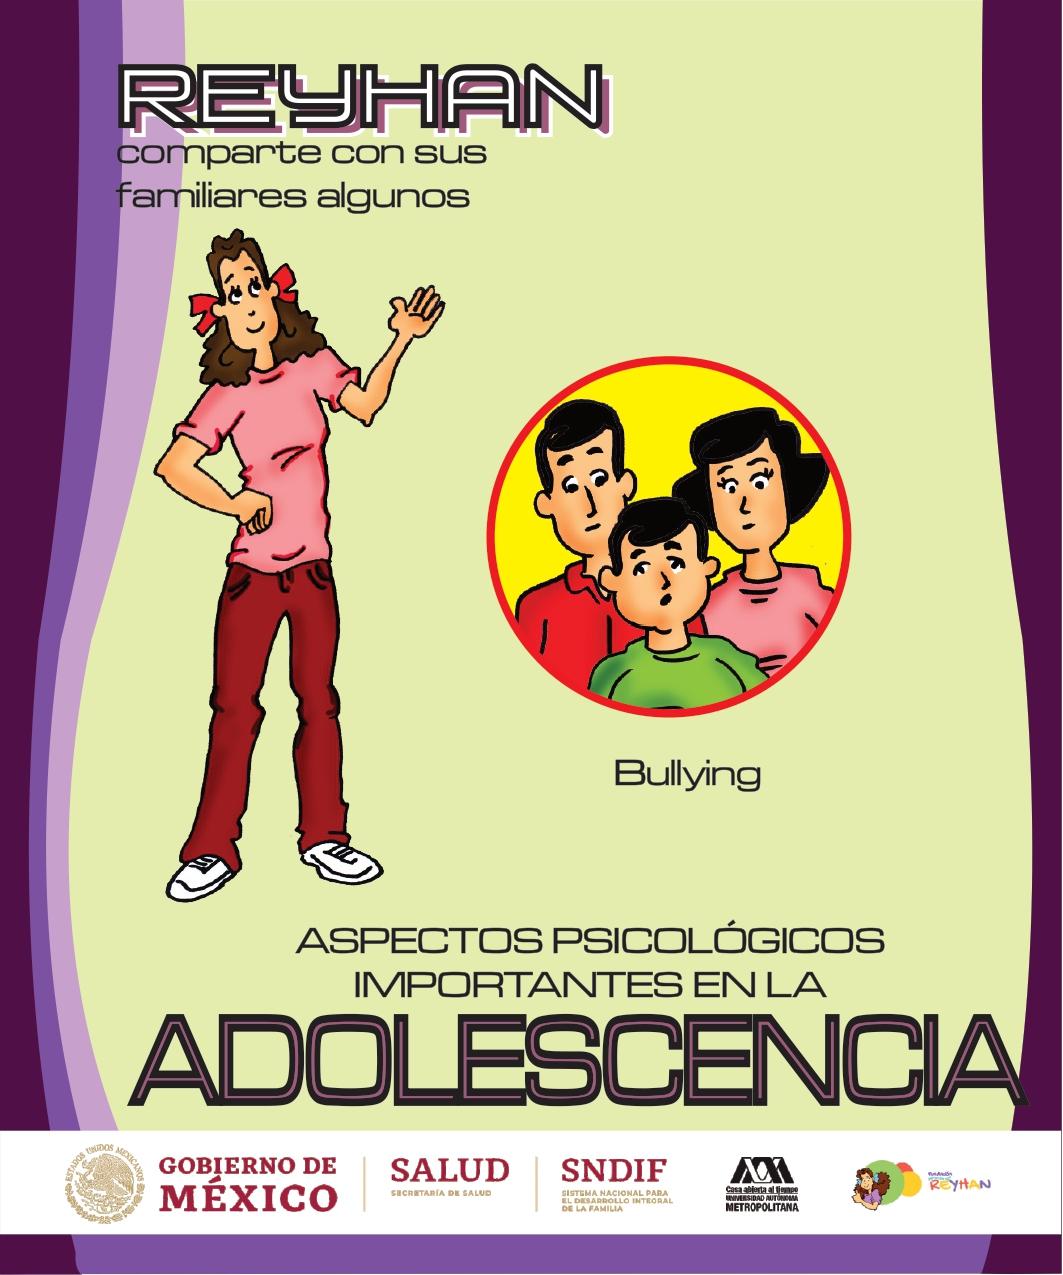 Psicología padres Reyhan cap3 digital_page-0001